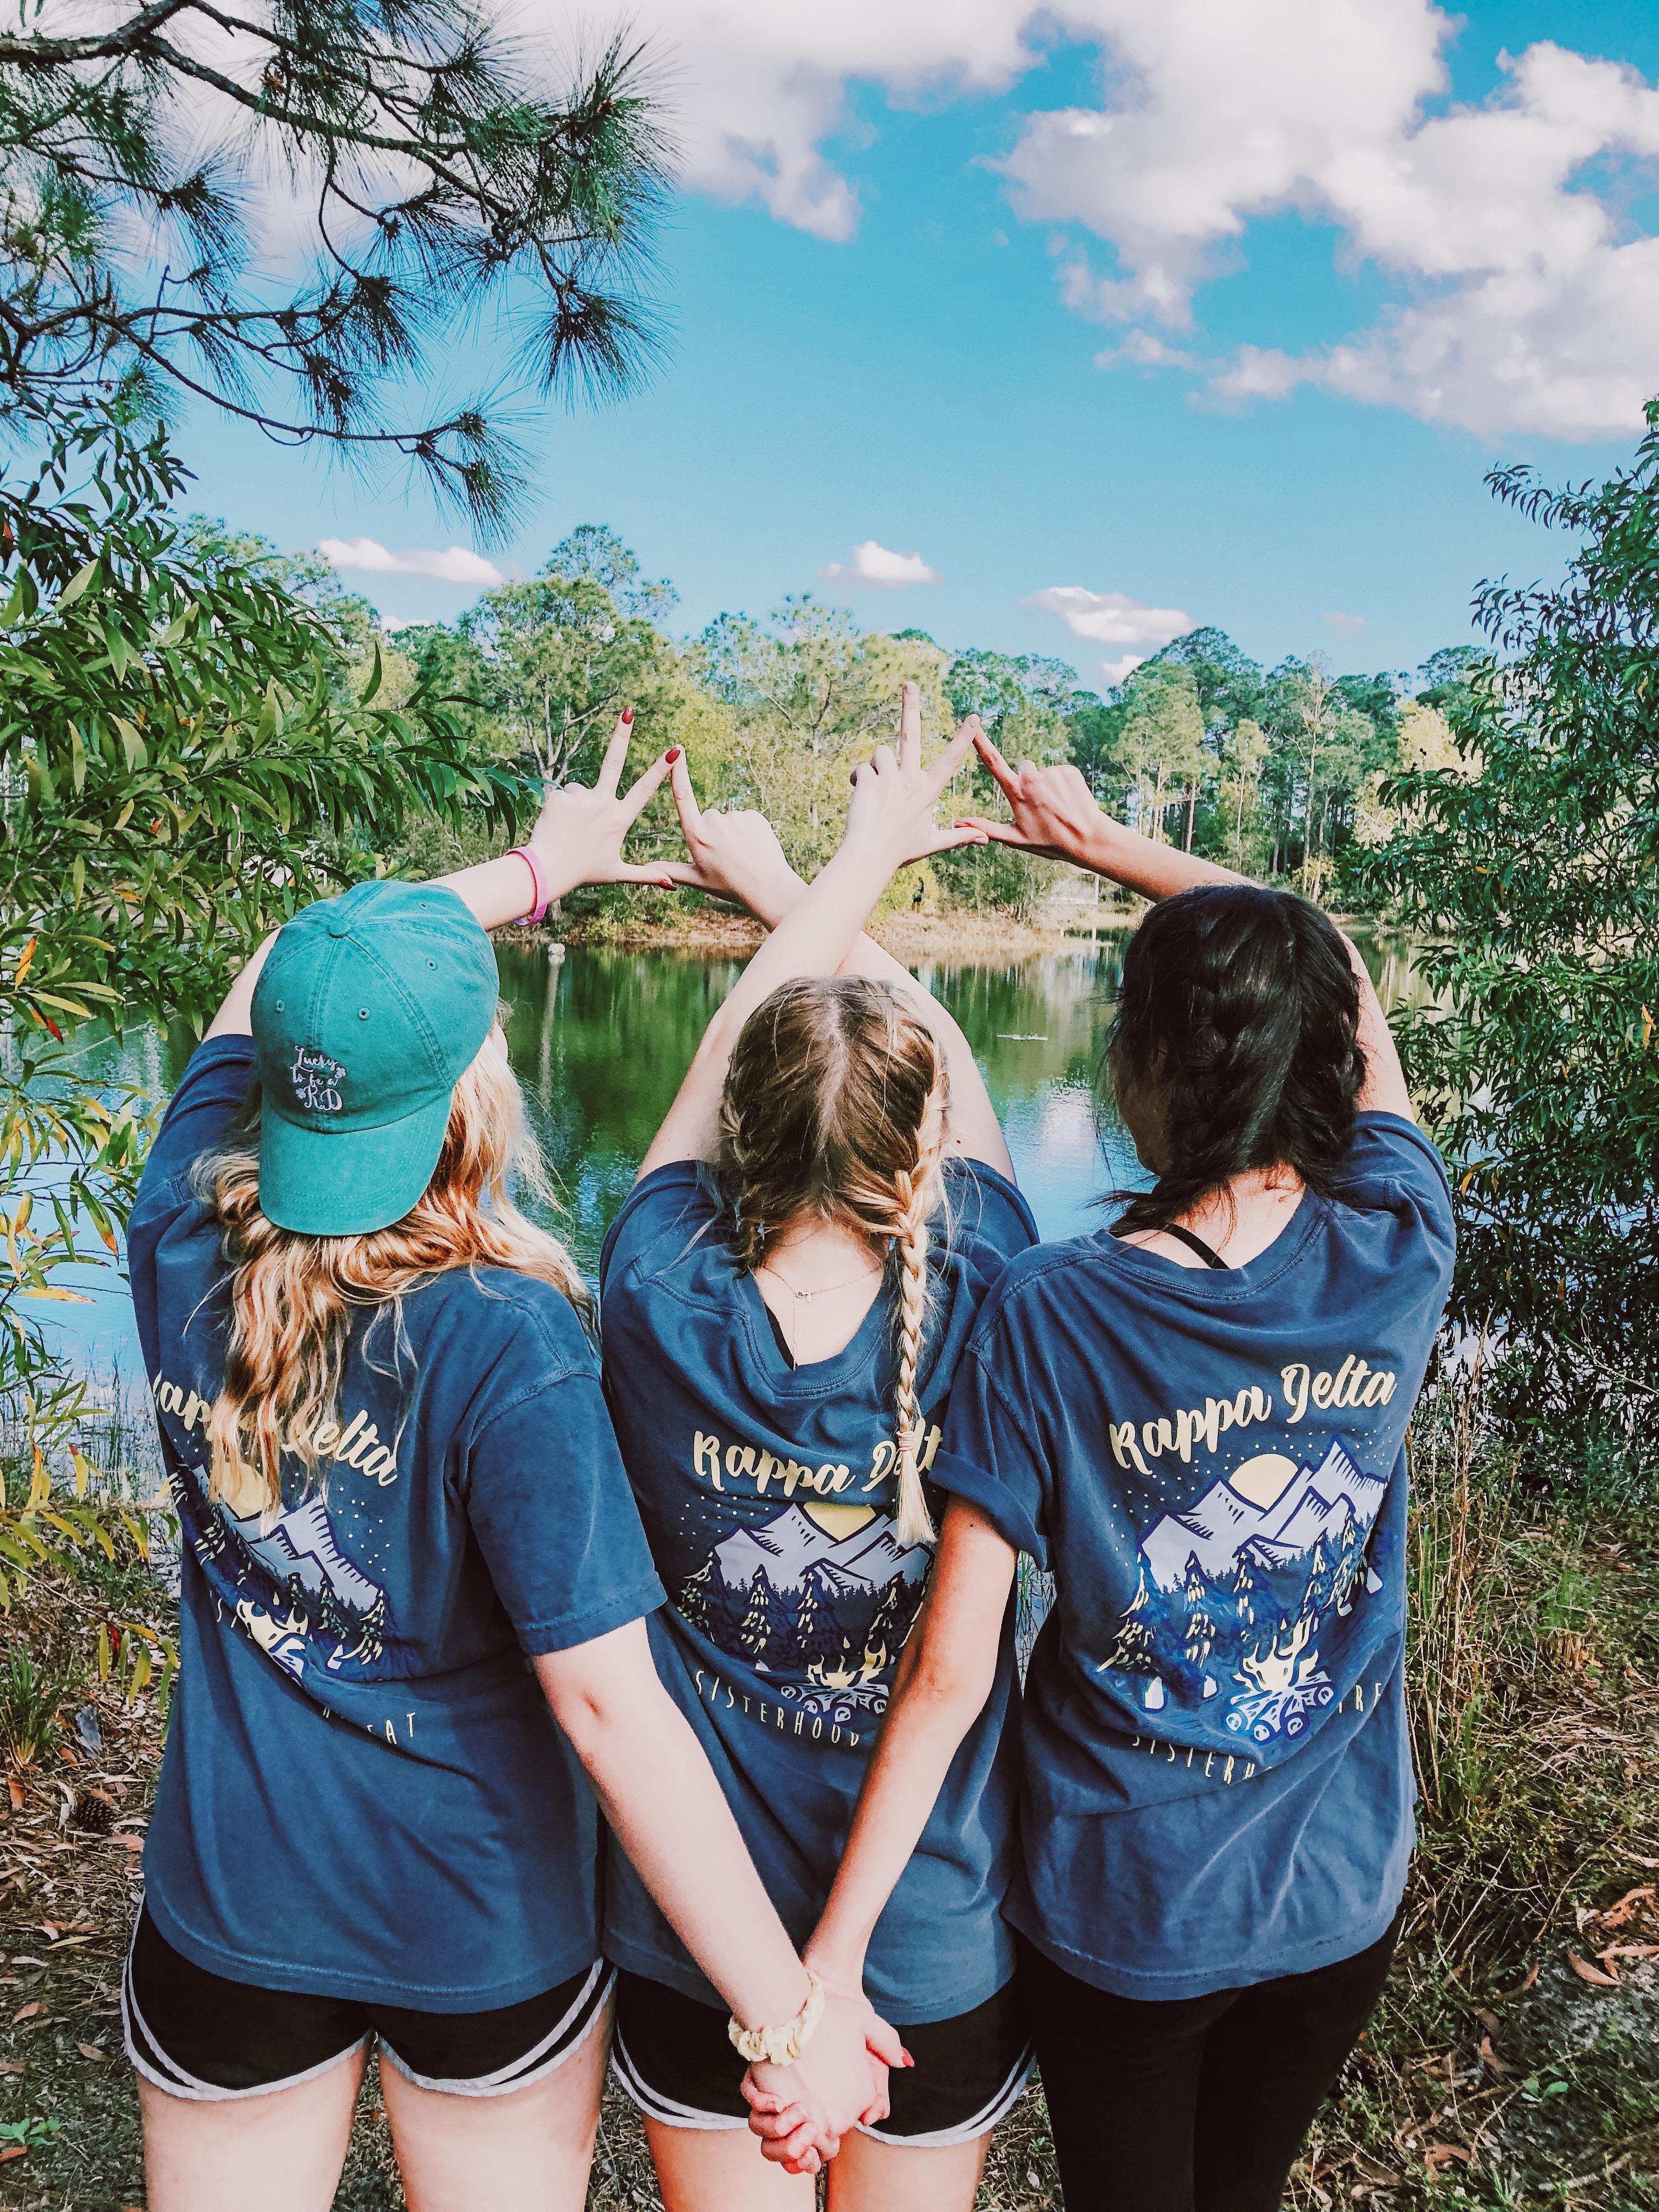 Camp KayDee 2019